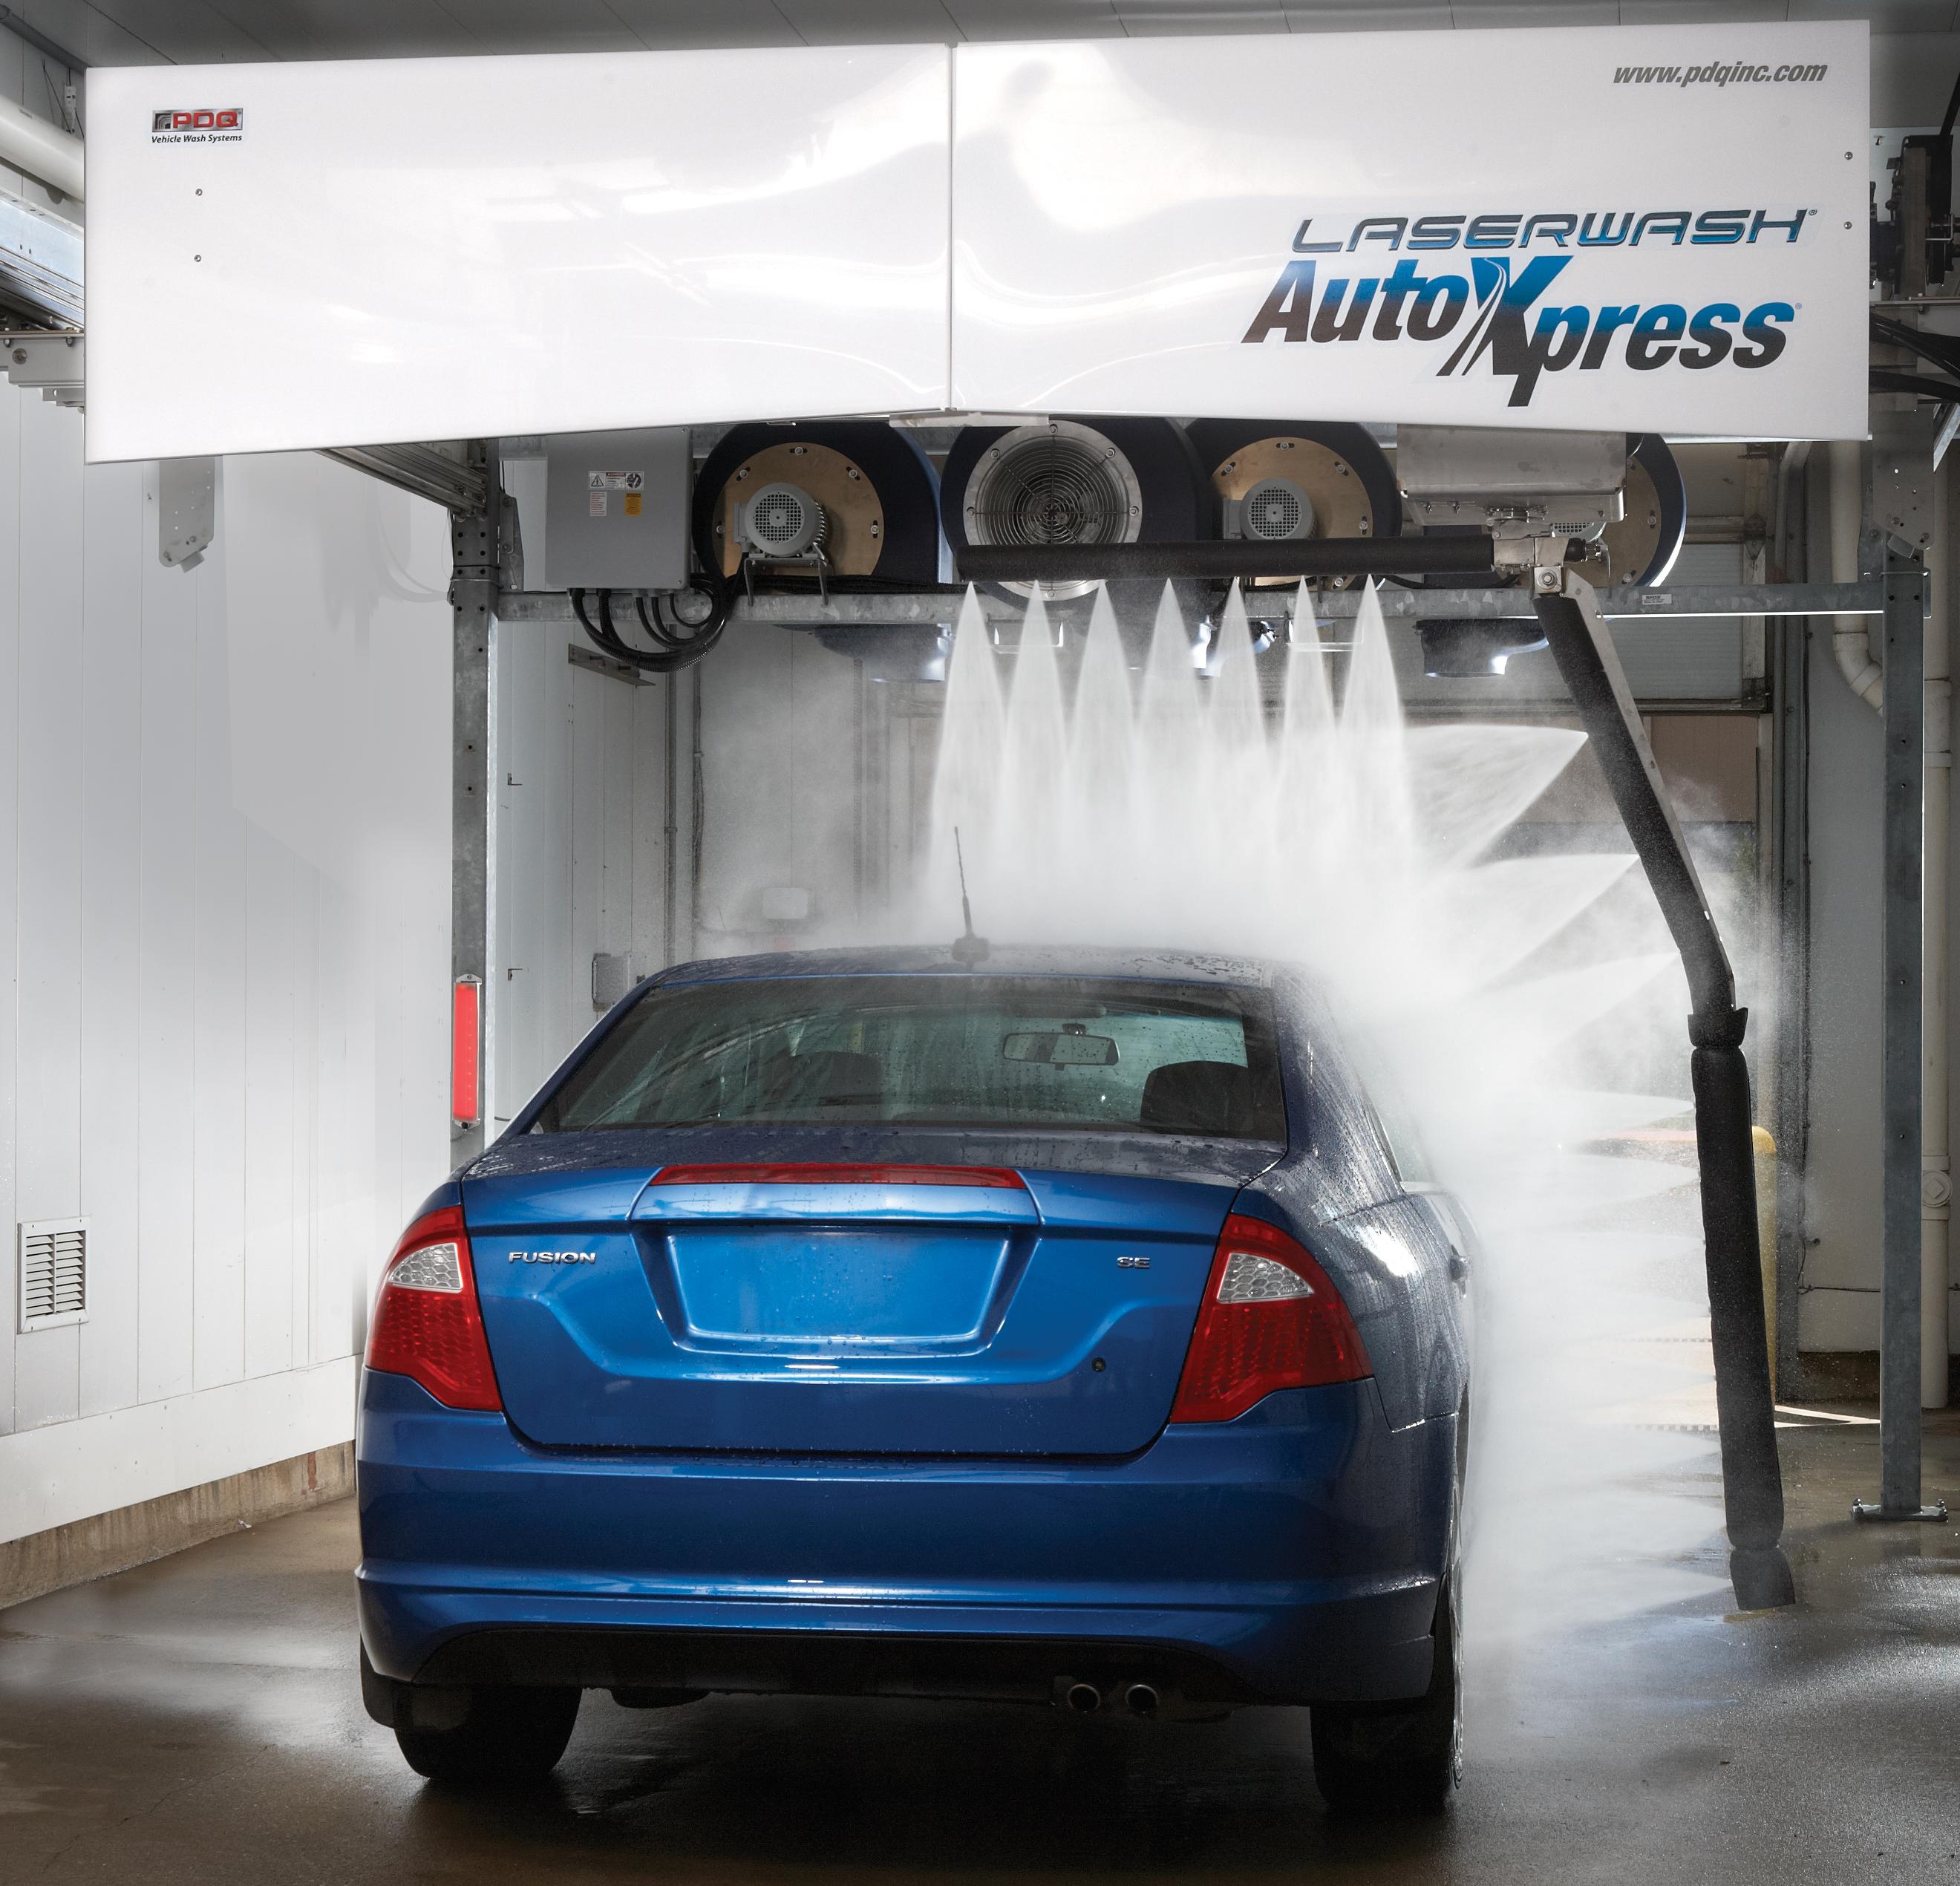 Pdq Launches Laserwash Autoxpress For Automotive Dealers Digital